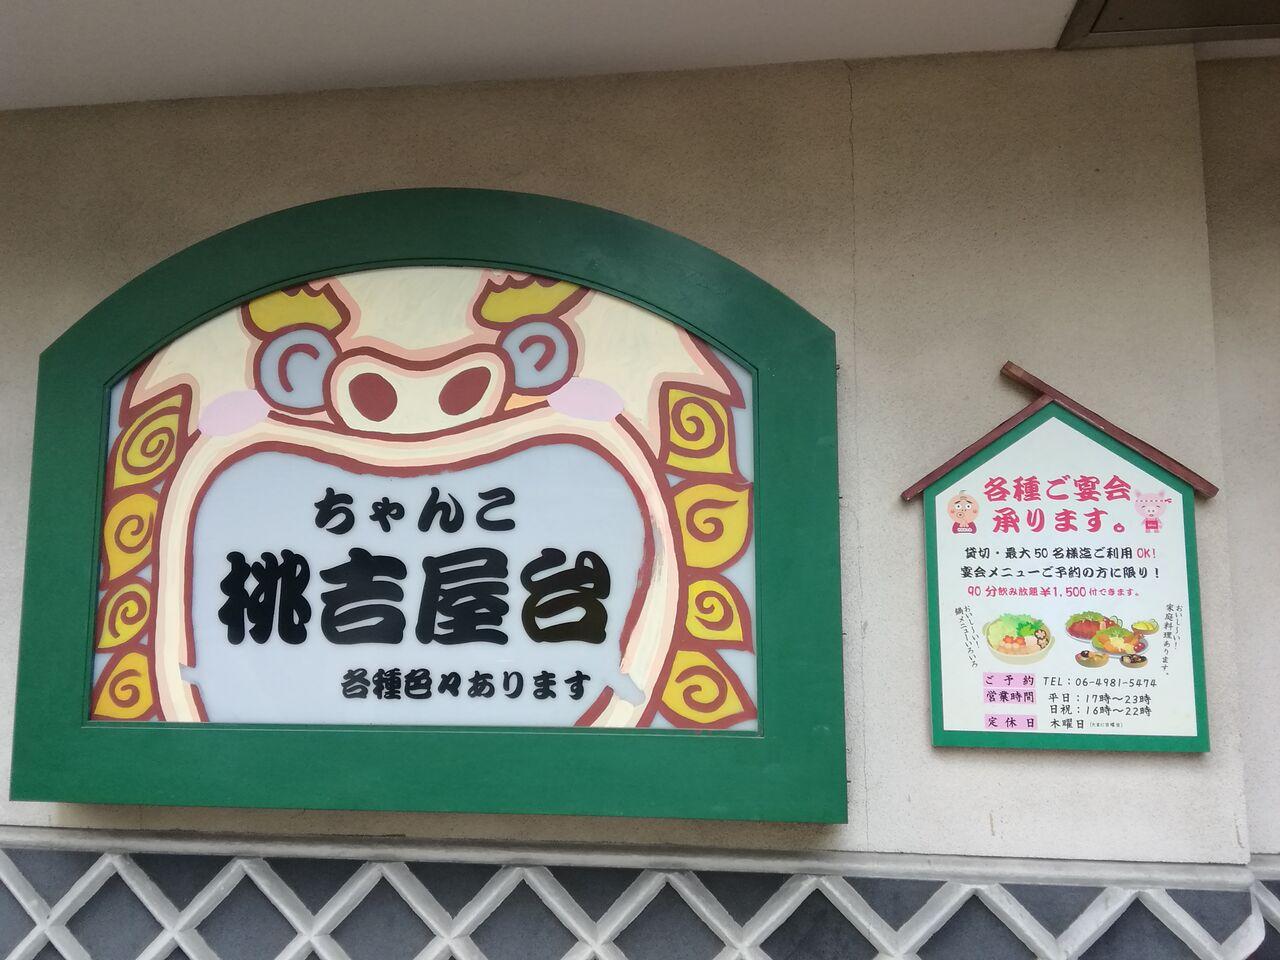 大阪市平野区「桃吉屋台」移転オープン : これから開業される方!今 ...